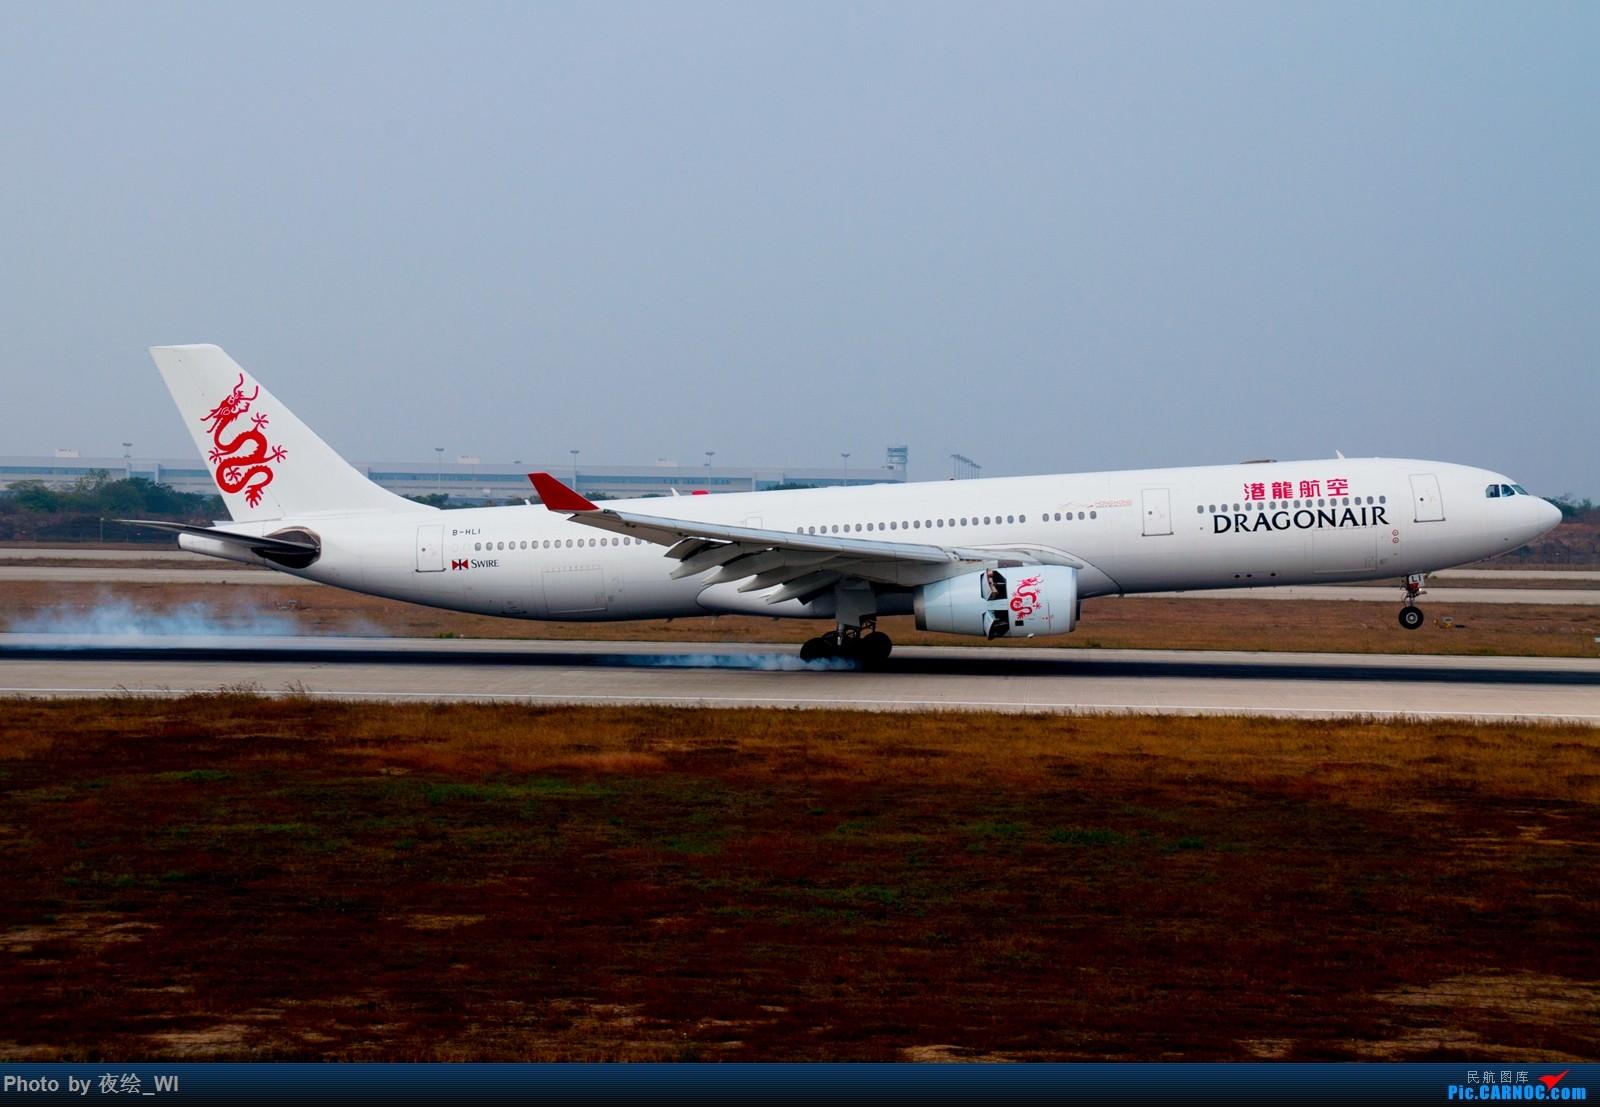 Re:[原创]【NKG】生日第二天就去拍机,日常练手+练后期,今天是胶片味 AIRBUS A330-300 B-HLI 中国南京禄口国际机场